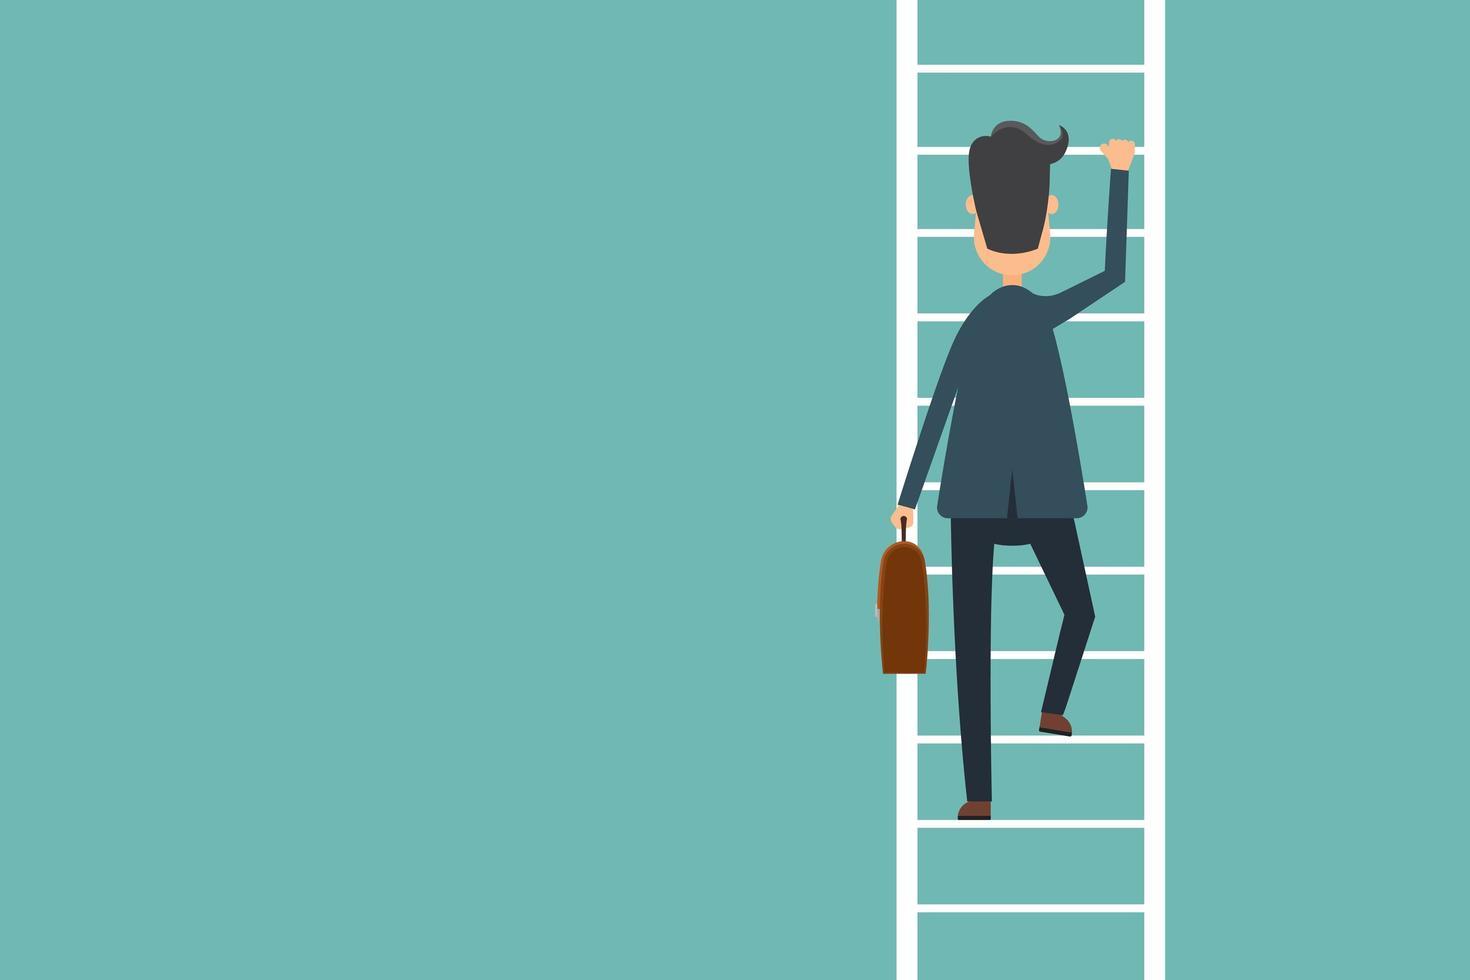 Business Man Climbing Ladder To Success